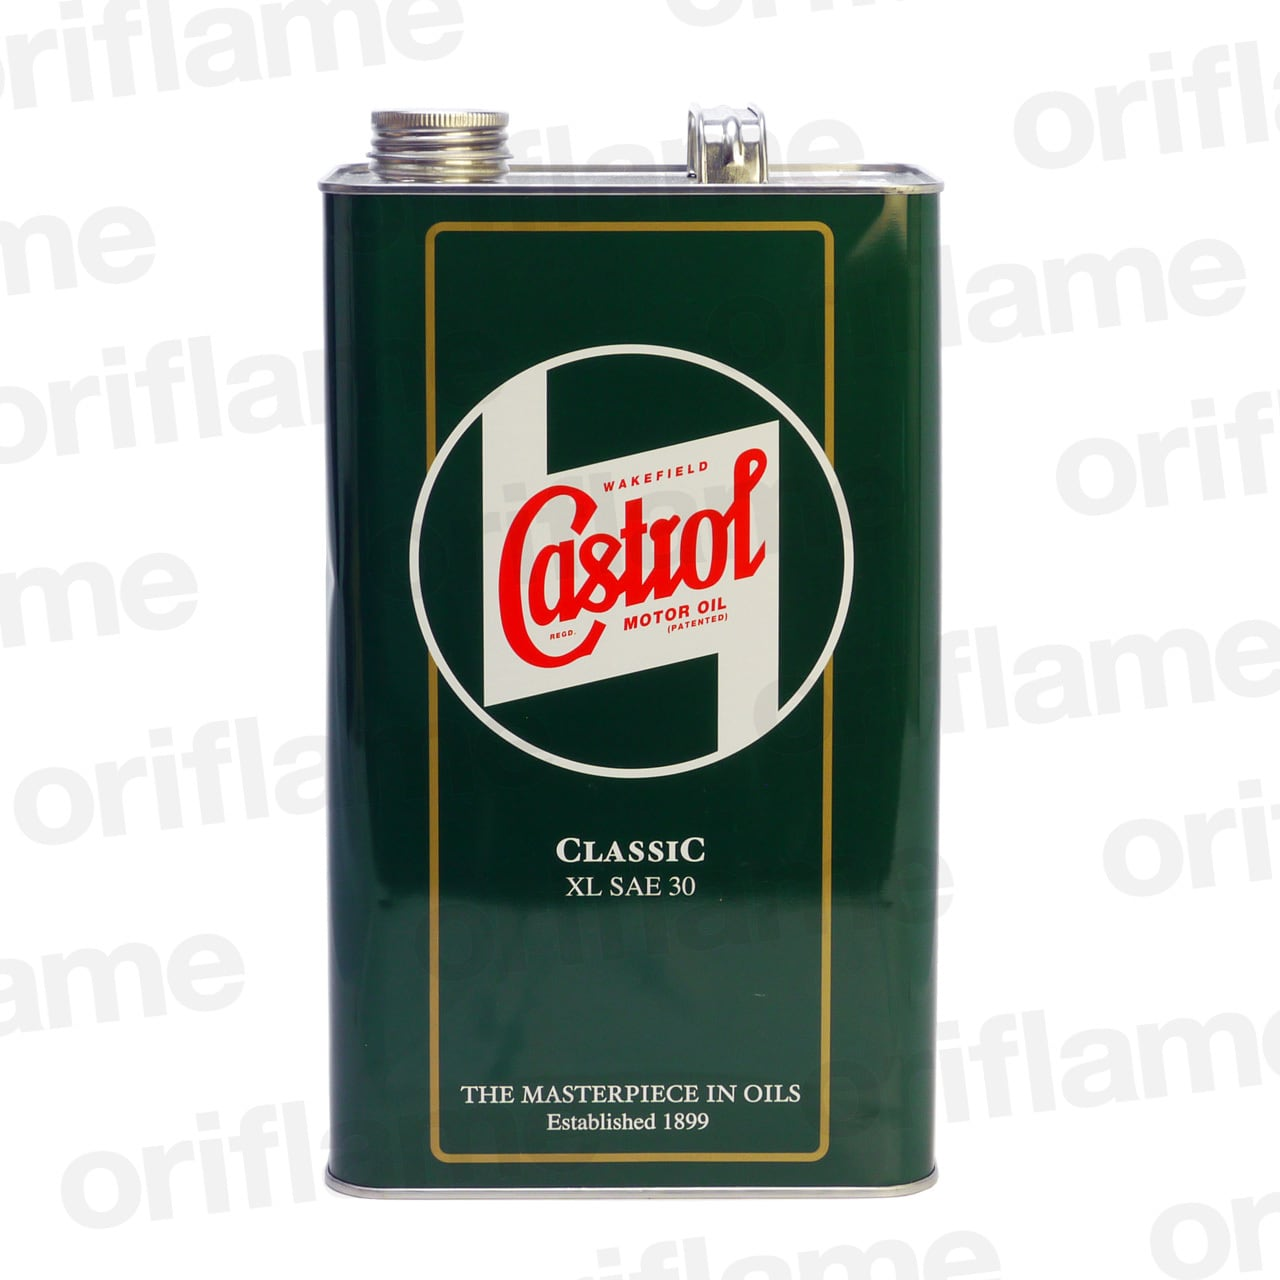 Castrol・カストロール・クラシック・オイル XL SAE30  5L 鉱物油